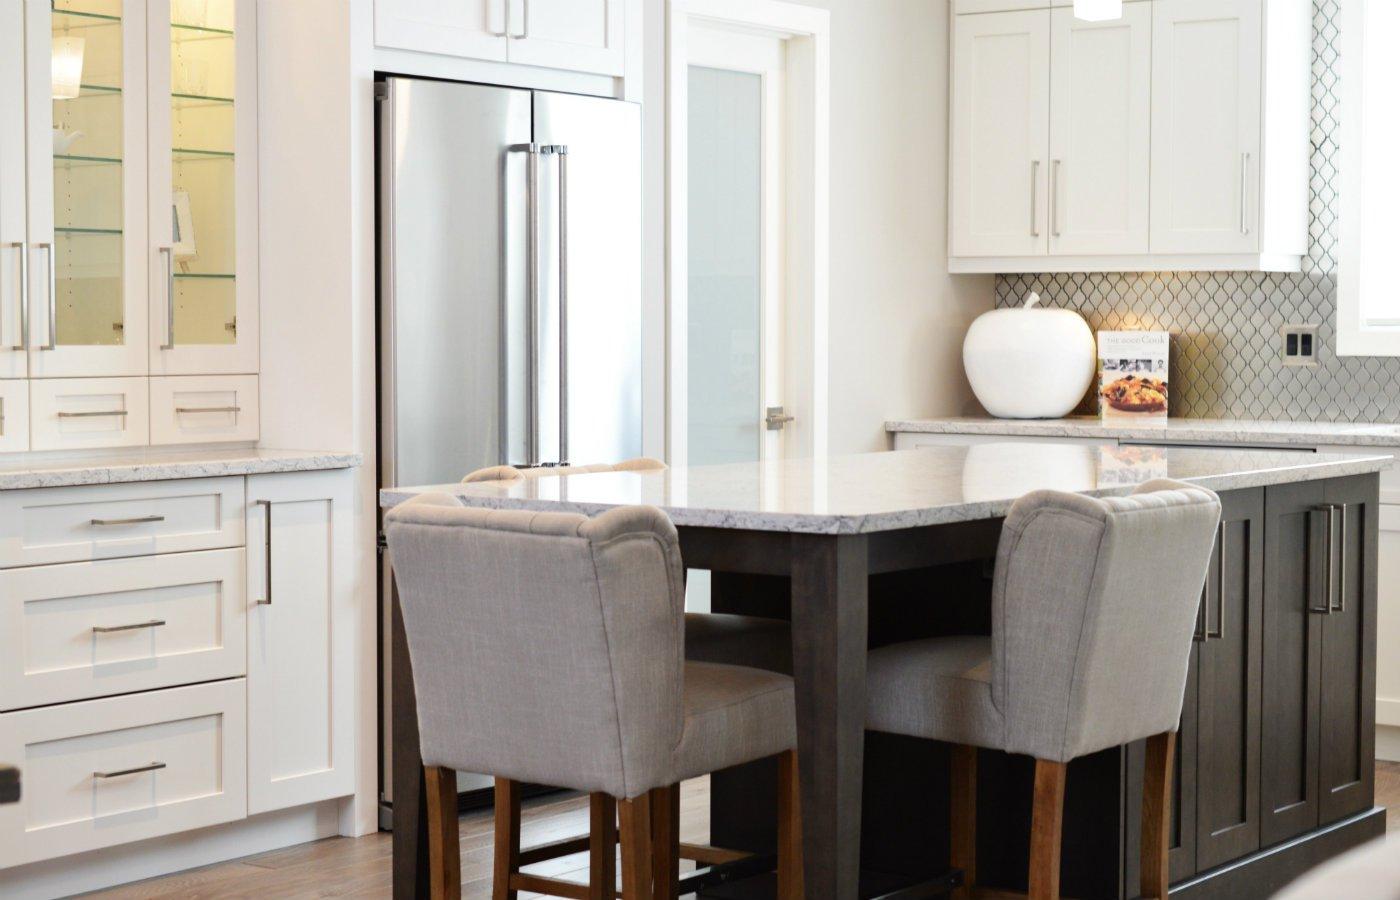 kitchen fitter save money designer.jpg